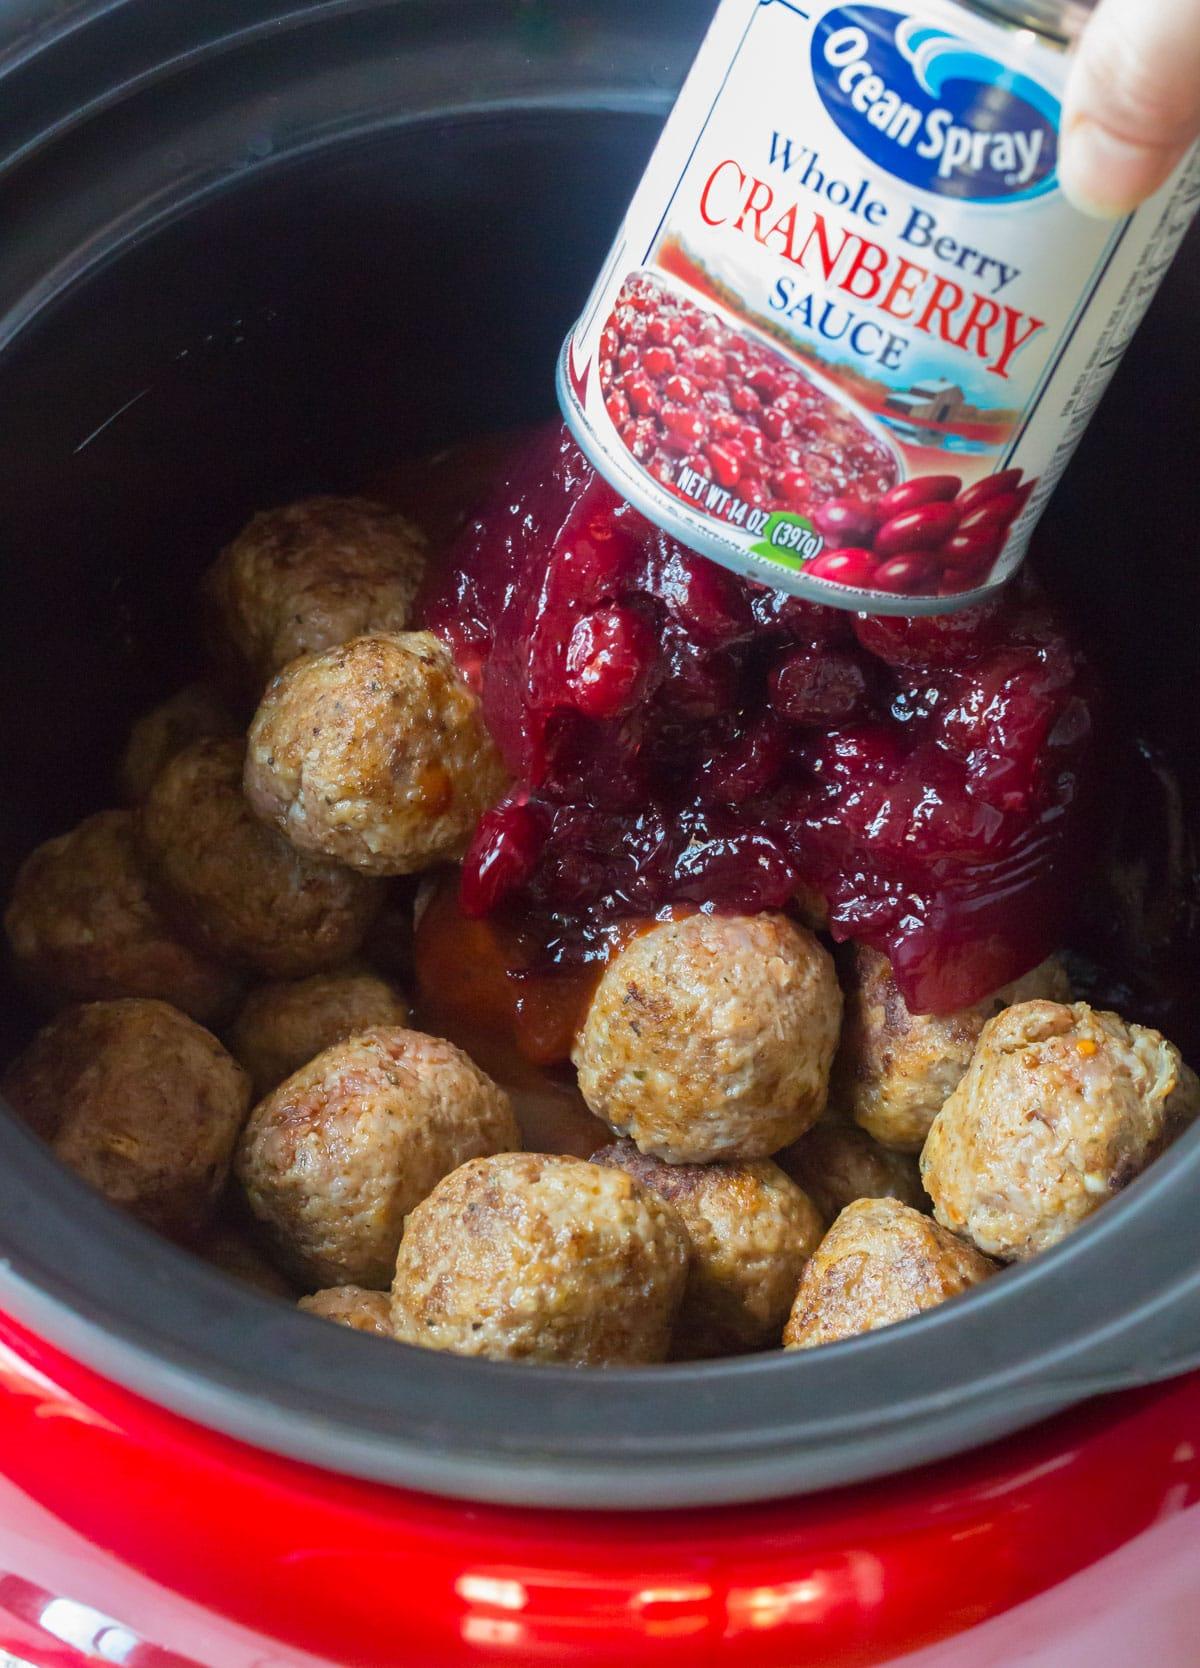 How To Make Slow Cooker Cocktail Meatballs Recipe - (Crock Pot Meatballs) #ASpicyPerspective #meatballs #slowcooker #crockpot #meatballs